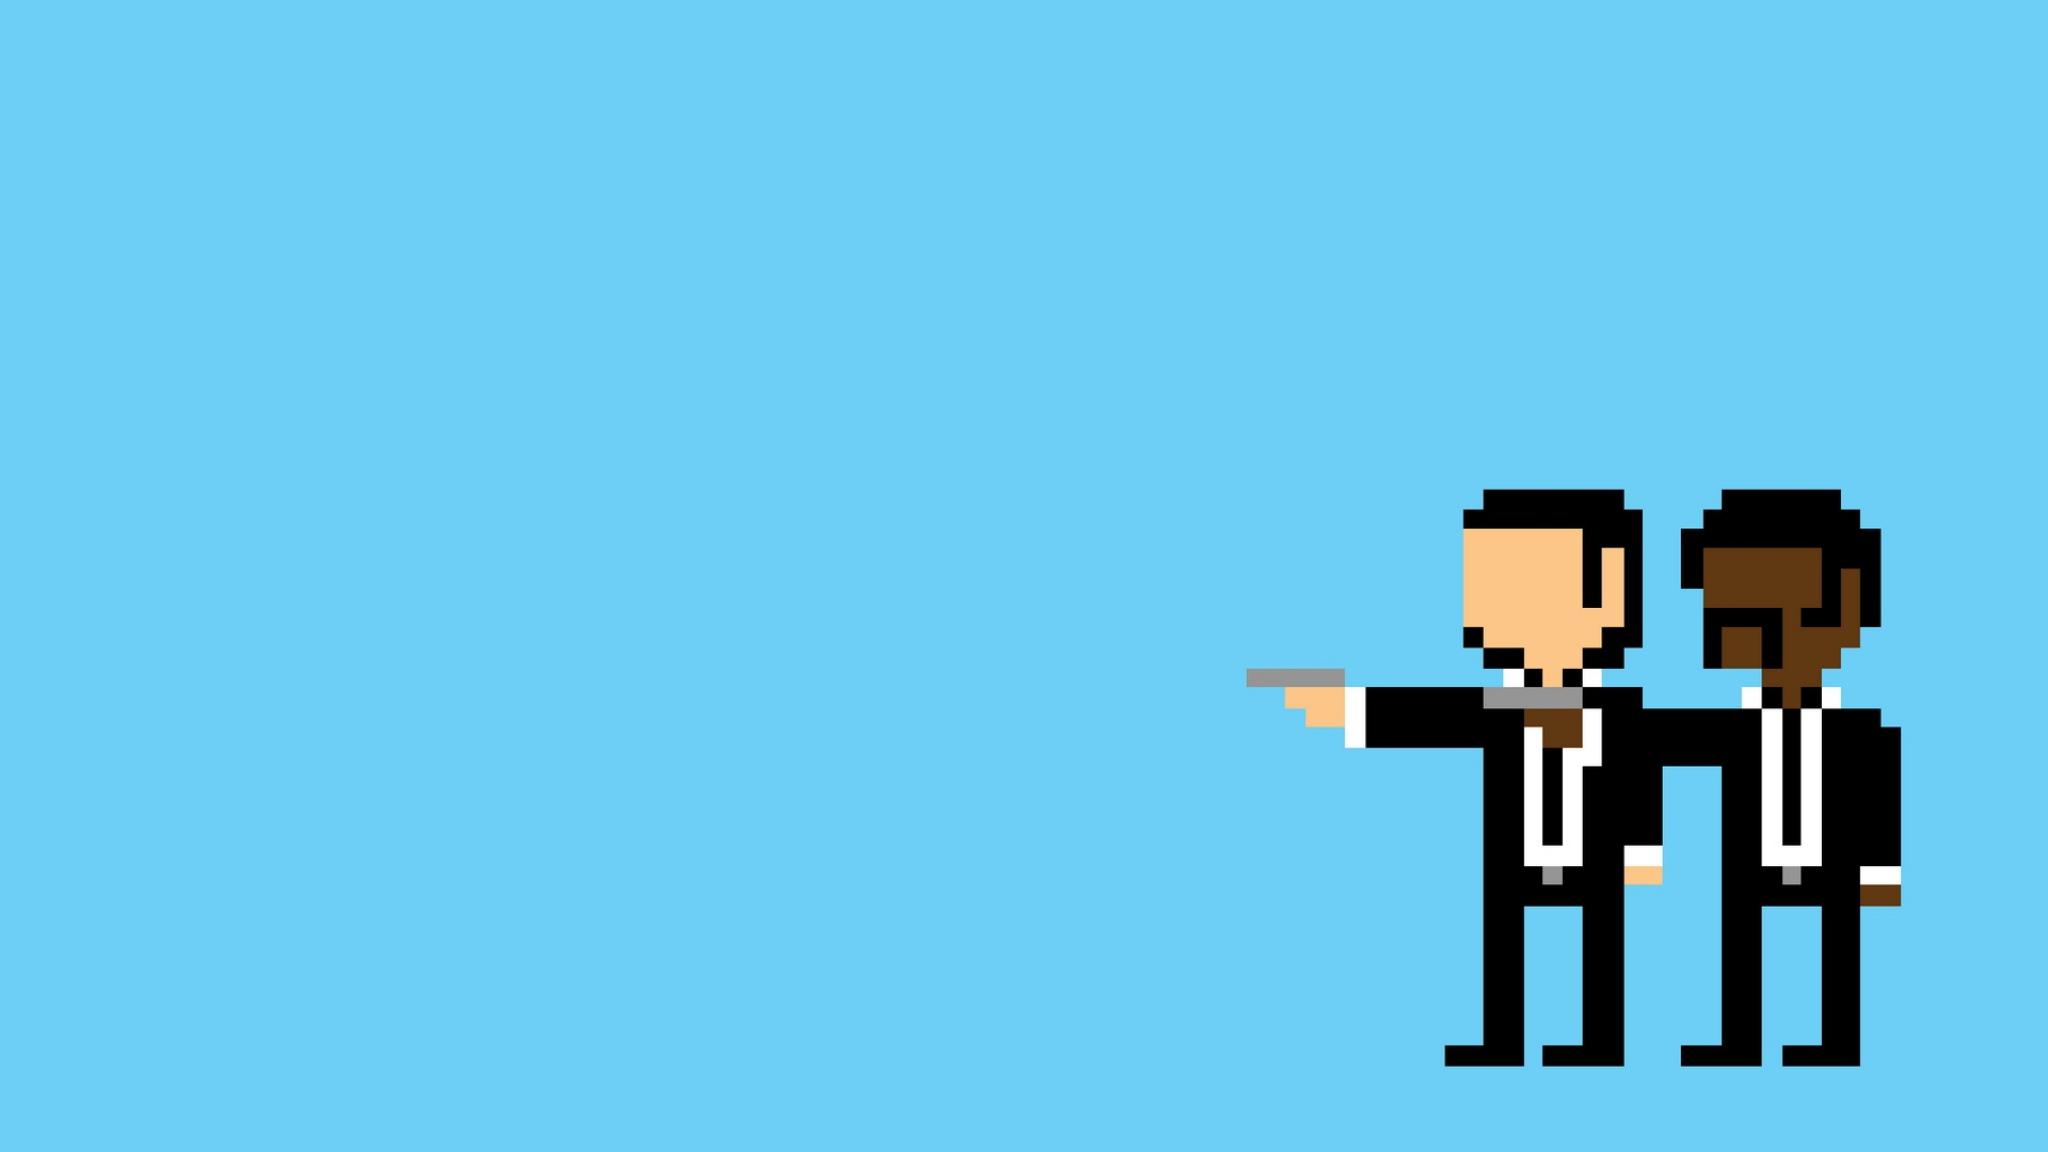 2048 Pixels Wide And 1152 Pixels Tall Creator Minecraft: HD Wallpapers 2048 1152 Pixels